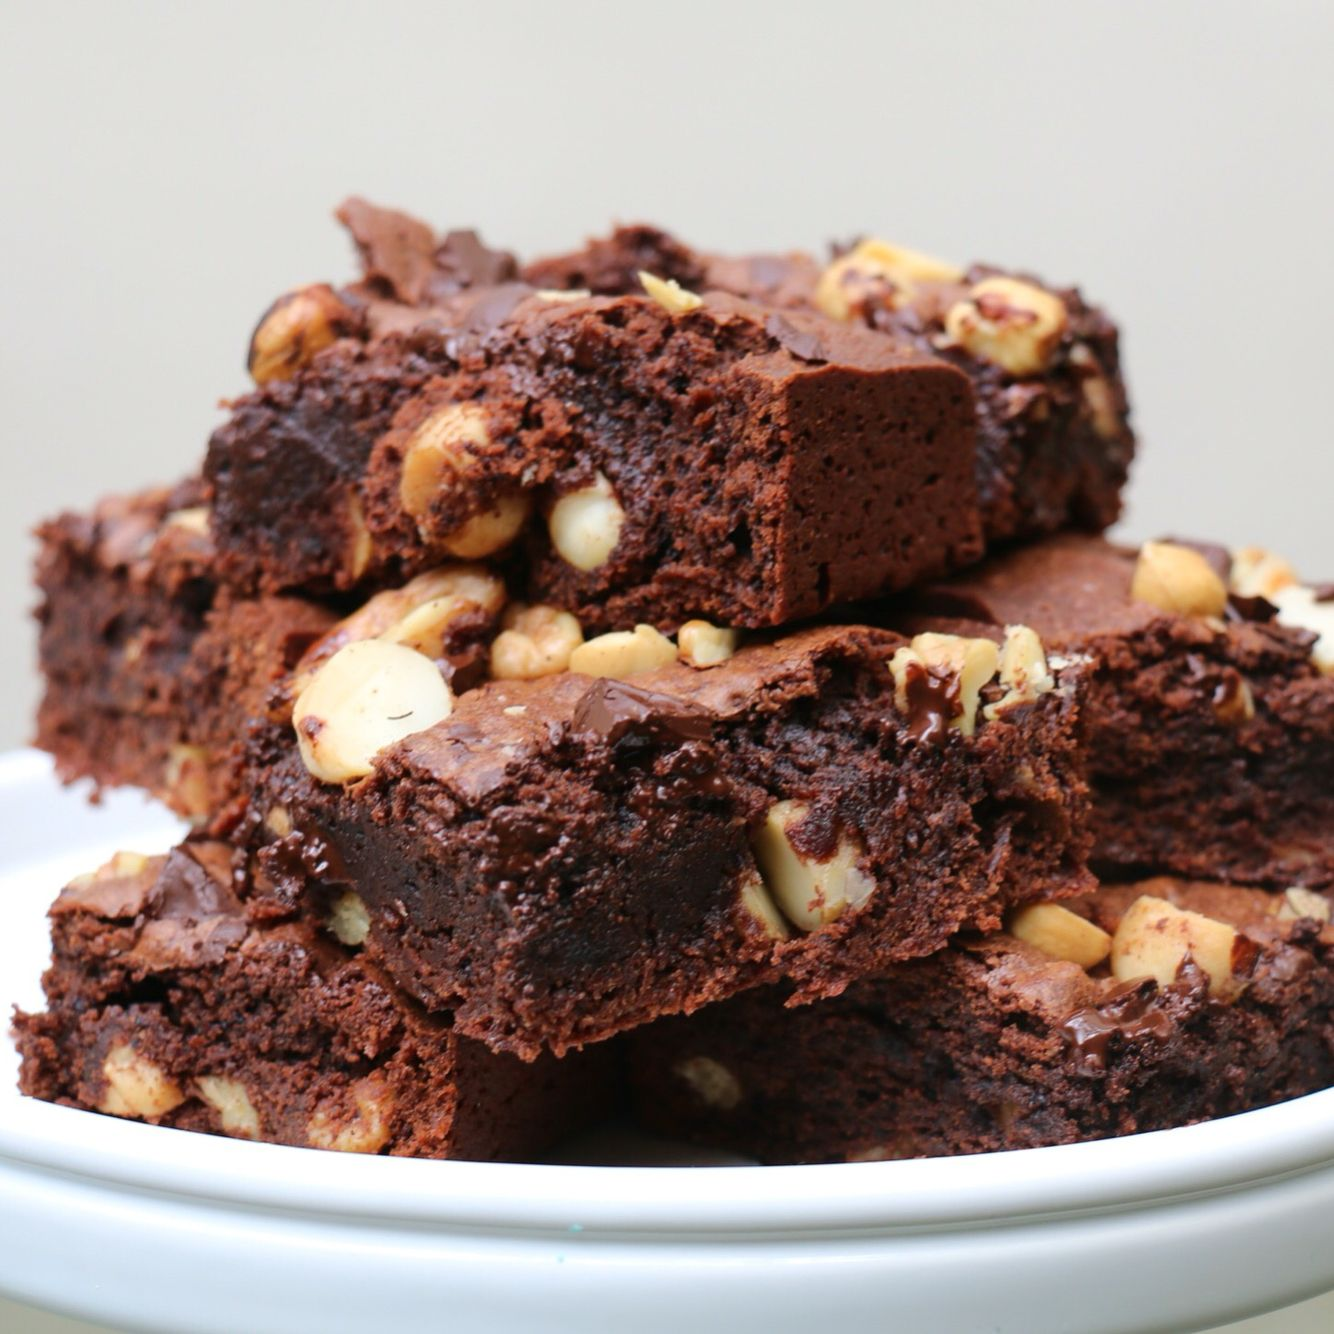 Hervé Cuisine Brownie   Epingle Par Amelie D Sur Cuisine Brownies Pinterest Brownies